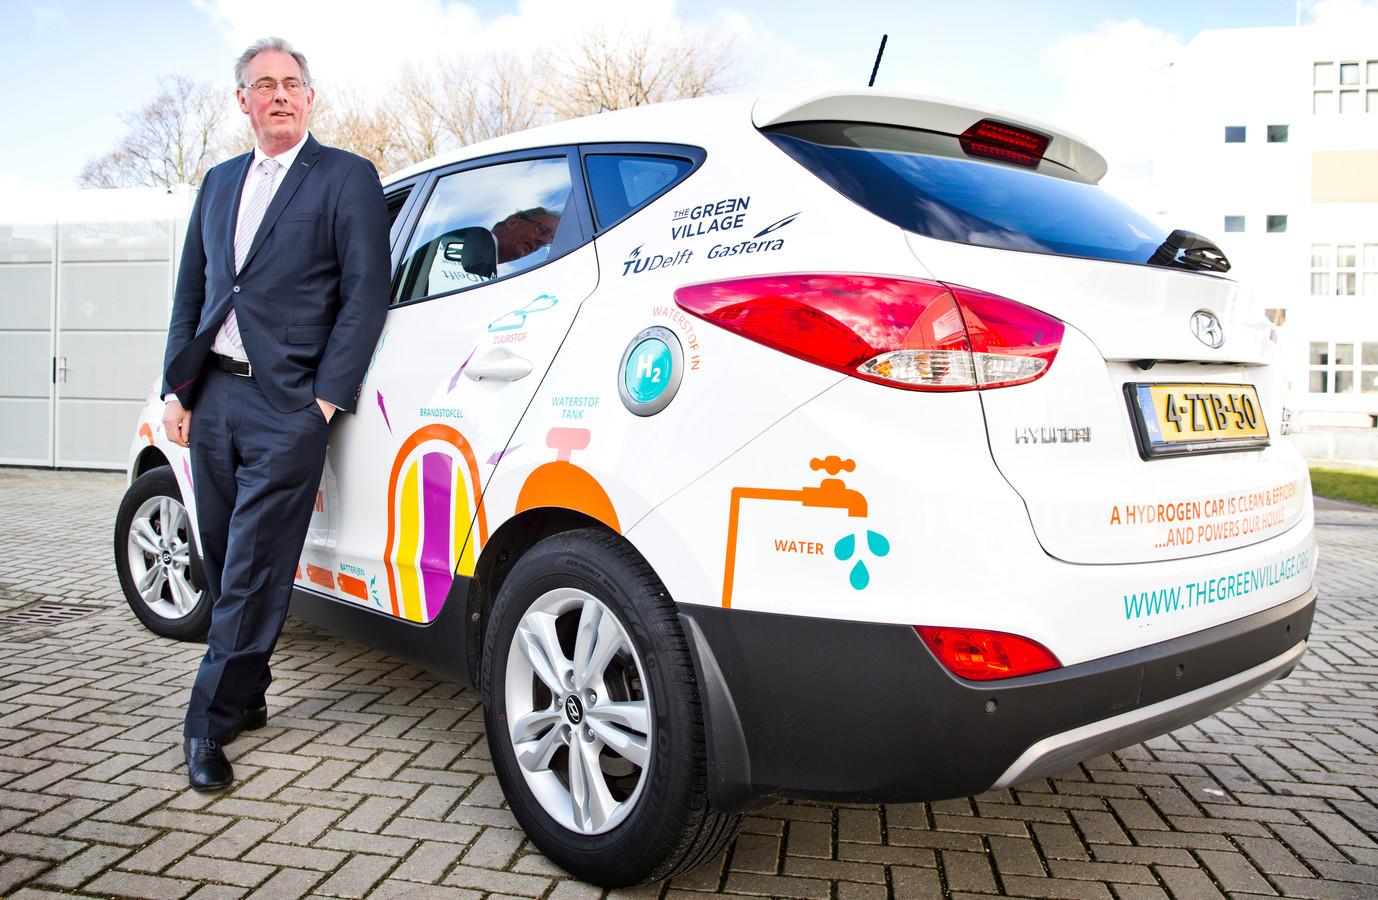 Hoogleraar Ad van Wijk van de TU Delft pleit voor een waterstofeconomie. Op de foto staat hij bij een waterstofauto die ook energie terug kan leveren aan bijvoorbeeld een woning.